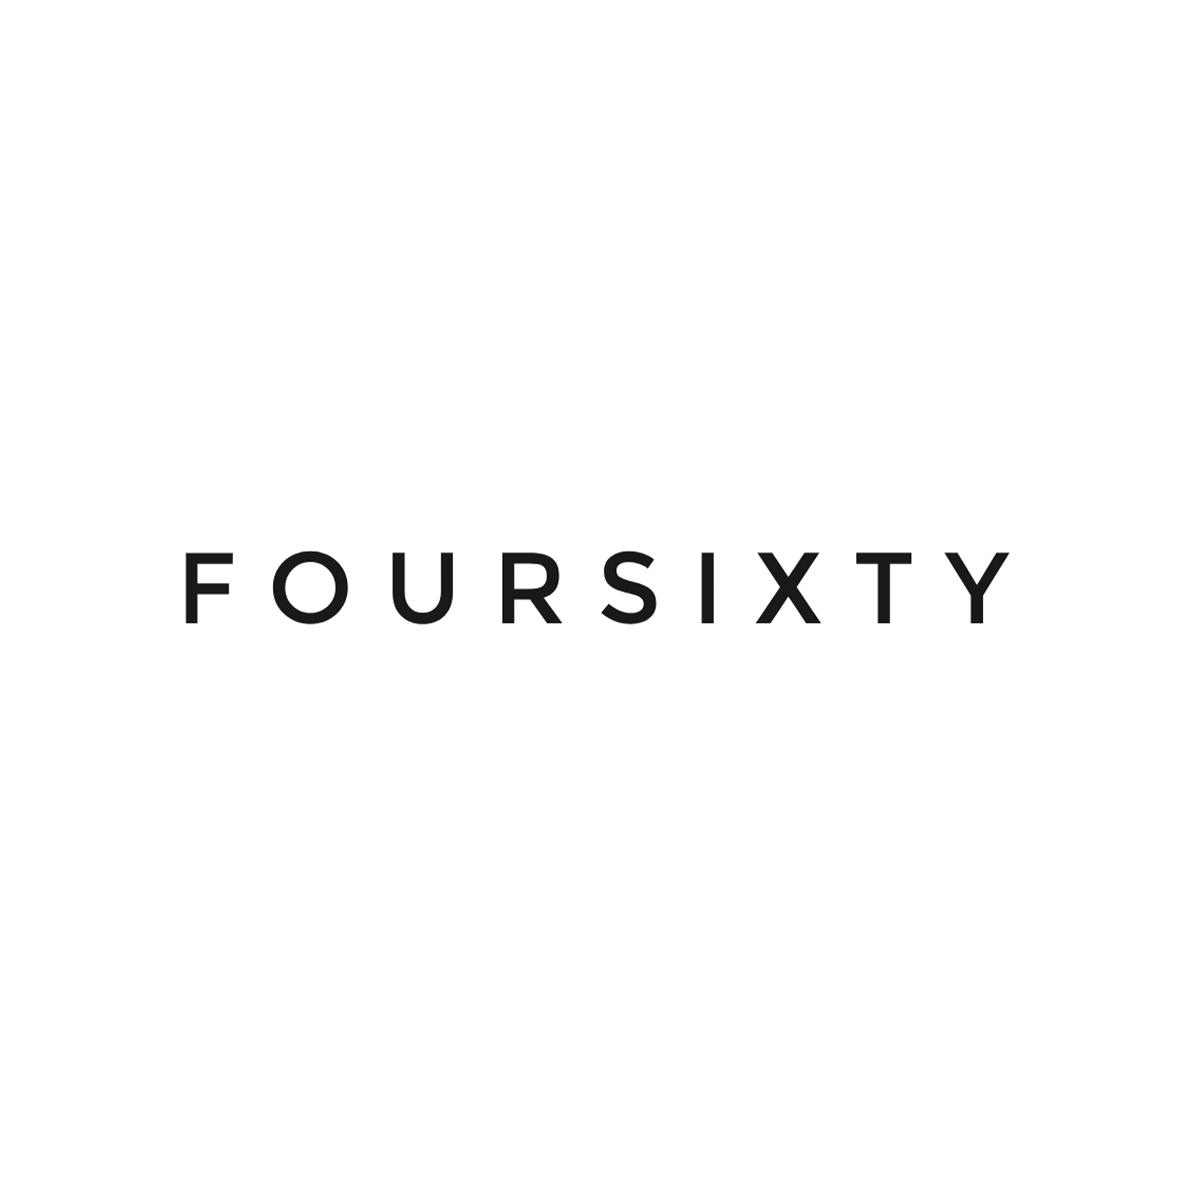 Foursixty